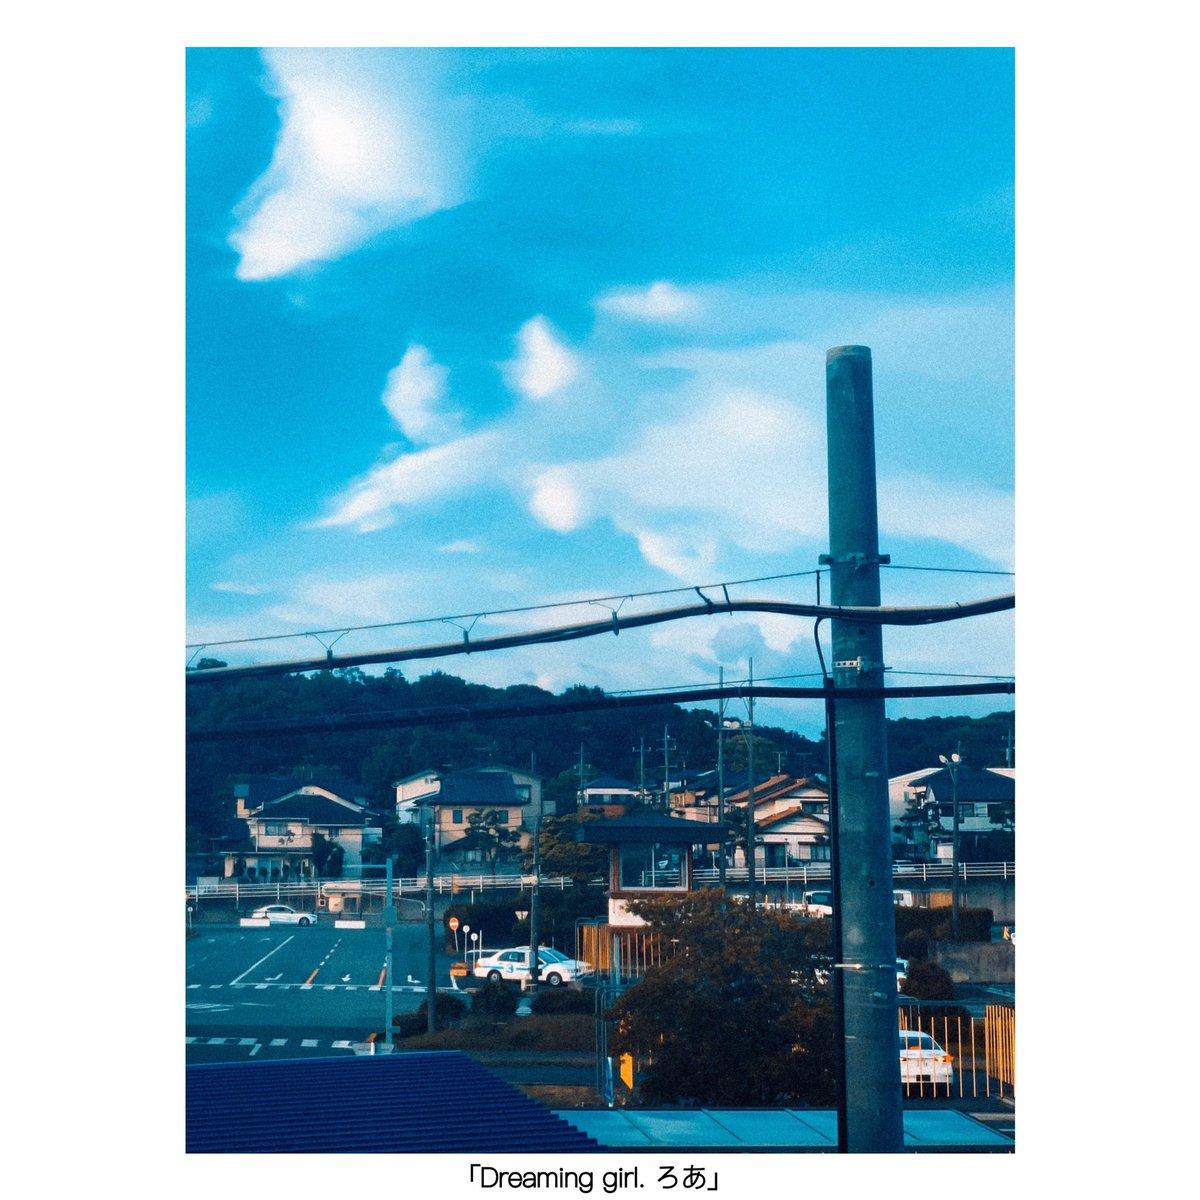 「 その青さはどこまでも。 」  #ポートレート  #カメラマンさんと繋がりたい  #portrait  #写真好きな人と繋がりたい  #portraitphotography  #ファインダーの越しの私の世界 📷「ろあ。」 https://t.co/irkQ6OoefD